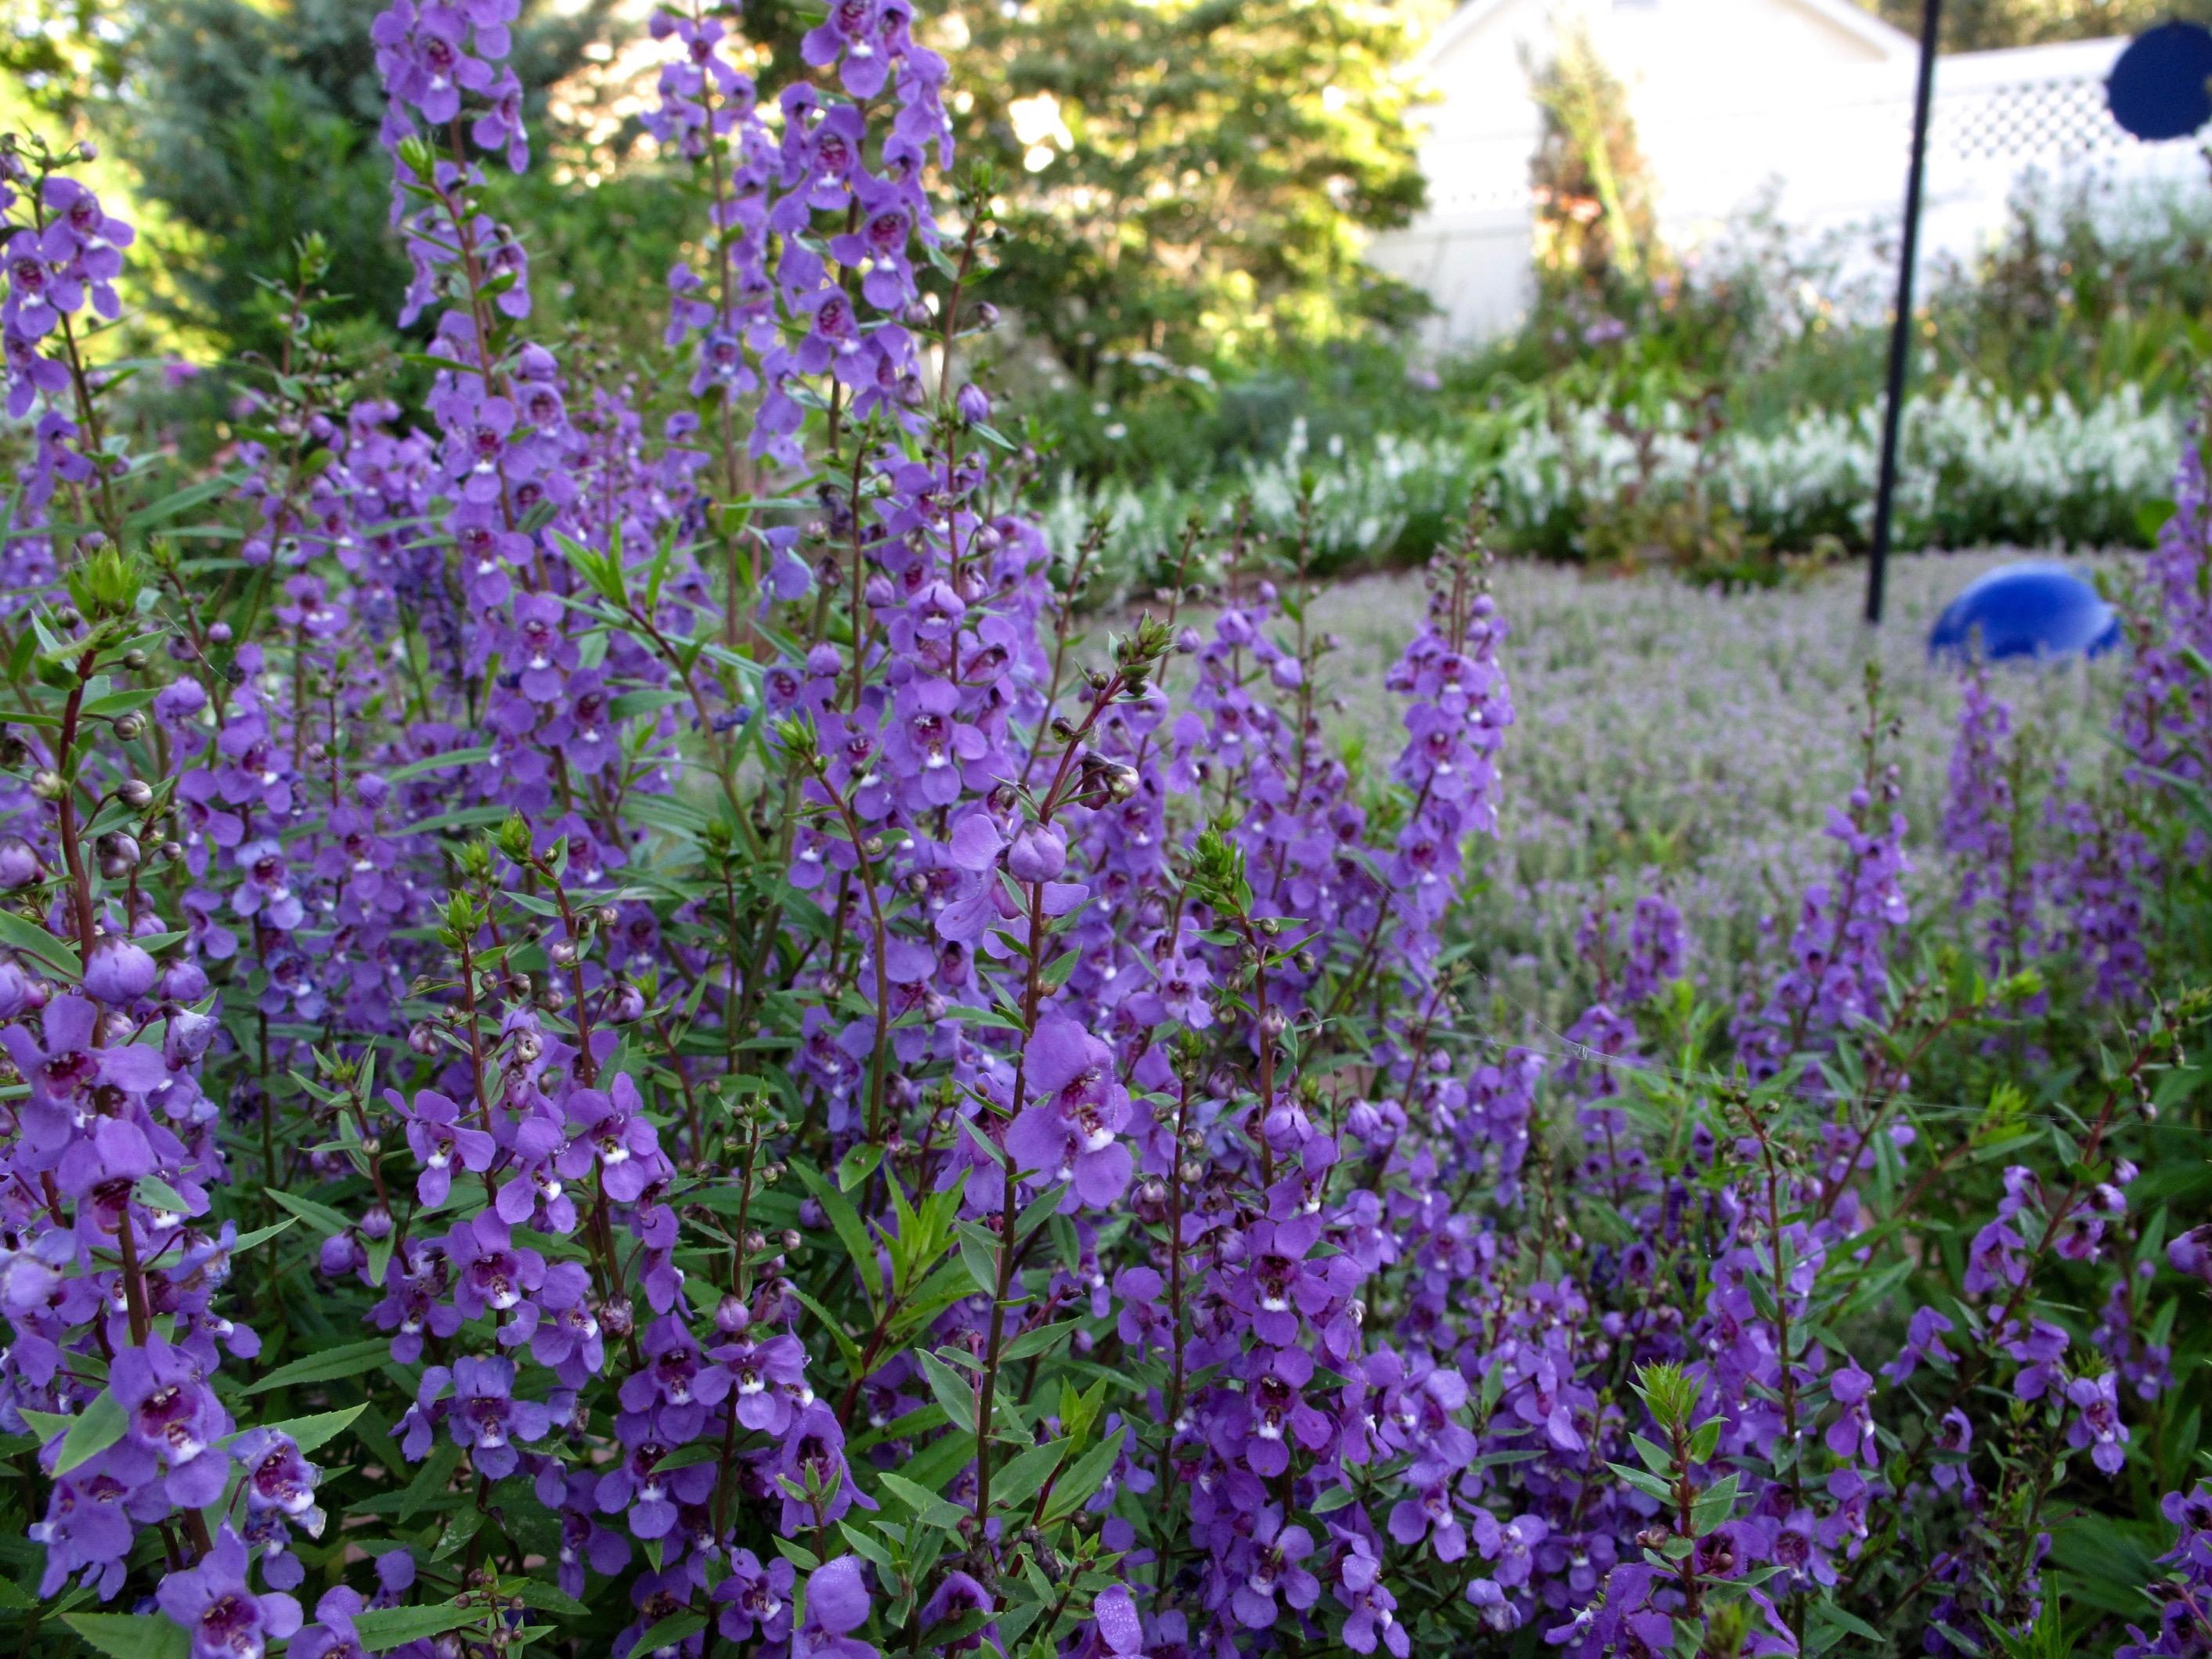 Angelonia serena